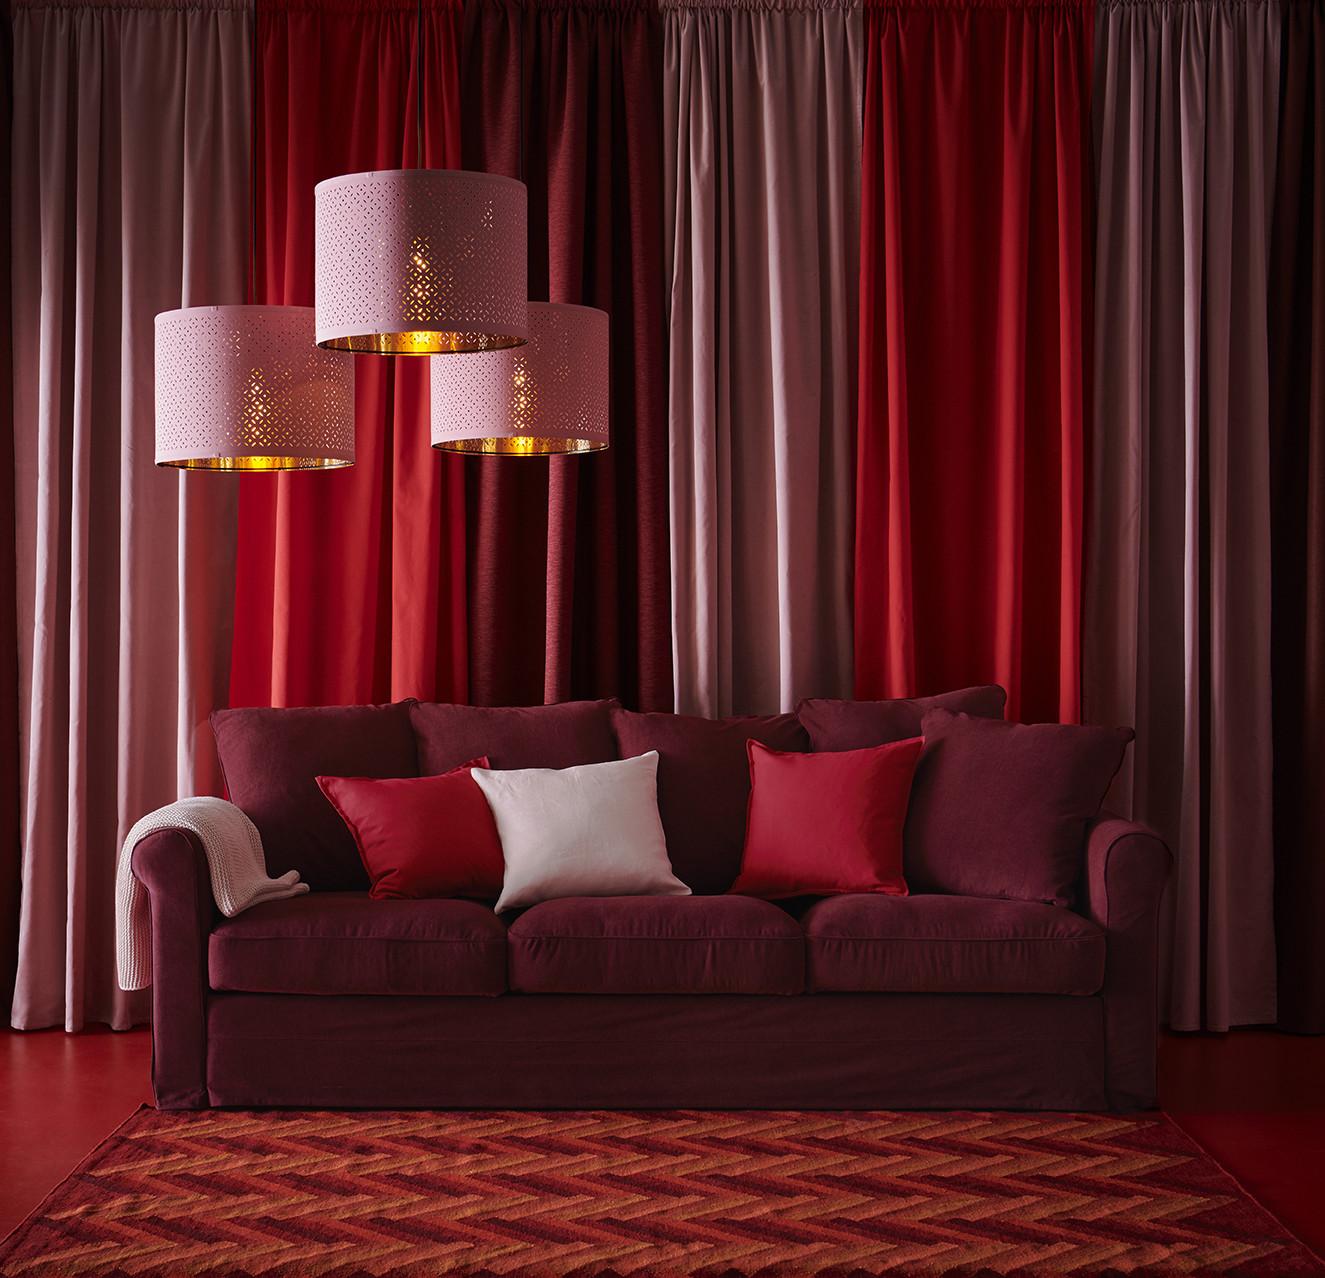 Novedad catálogo ikea 2020 sofá granate con lámpara rosa